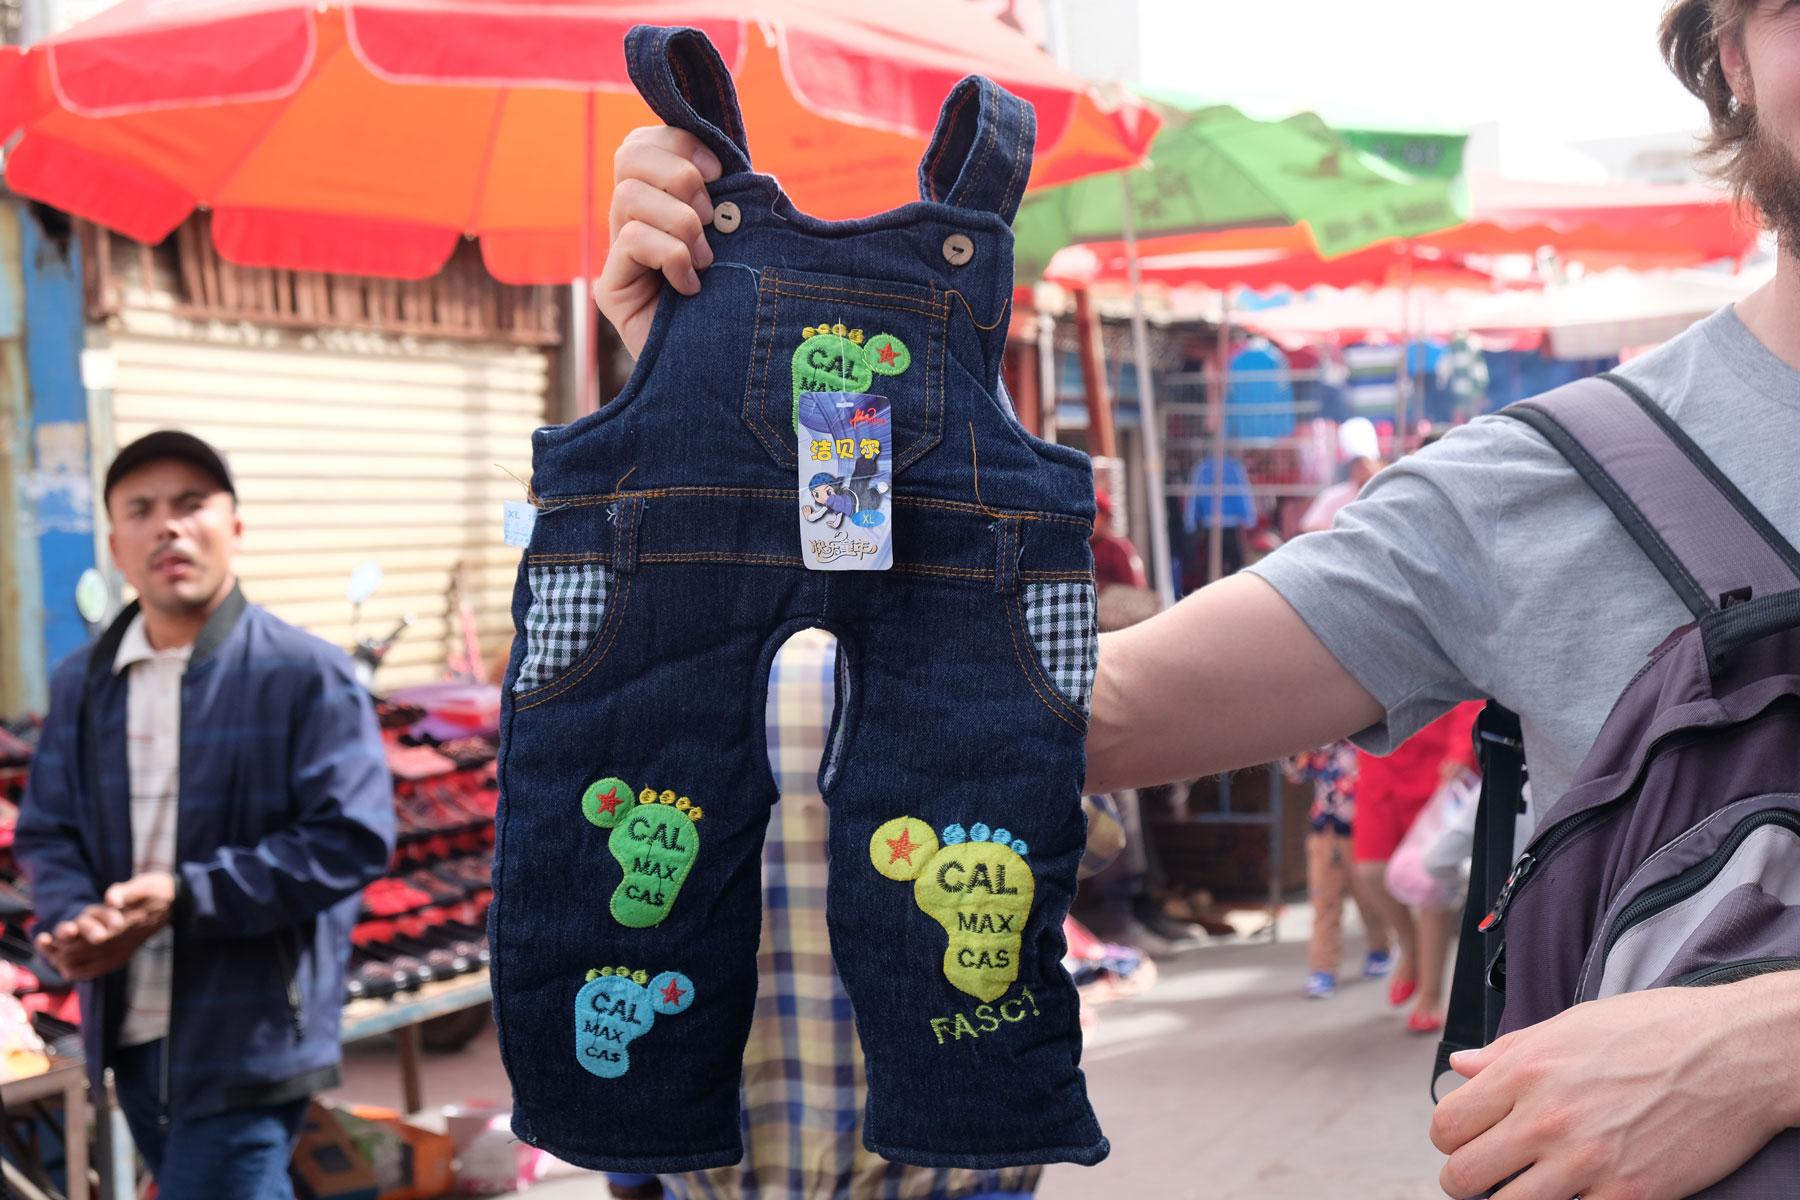 """Hier ist sie: die """"Schlitzhose""""! :-) In China sehen wir viele Kleinkinder, die sich darin sehr wohl zu fühlen scheinen."""